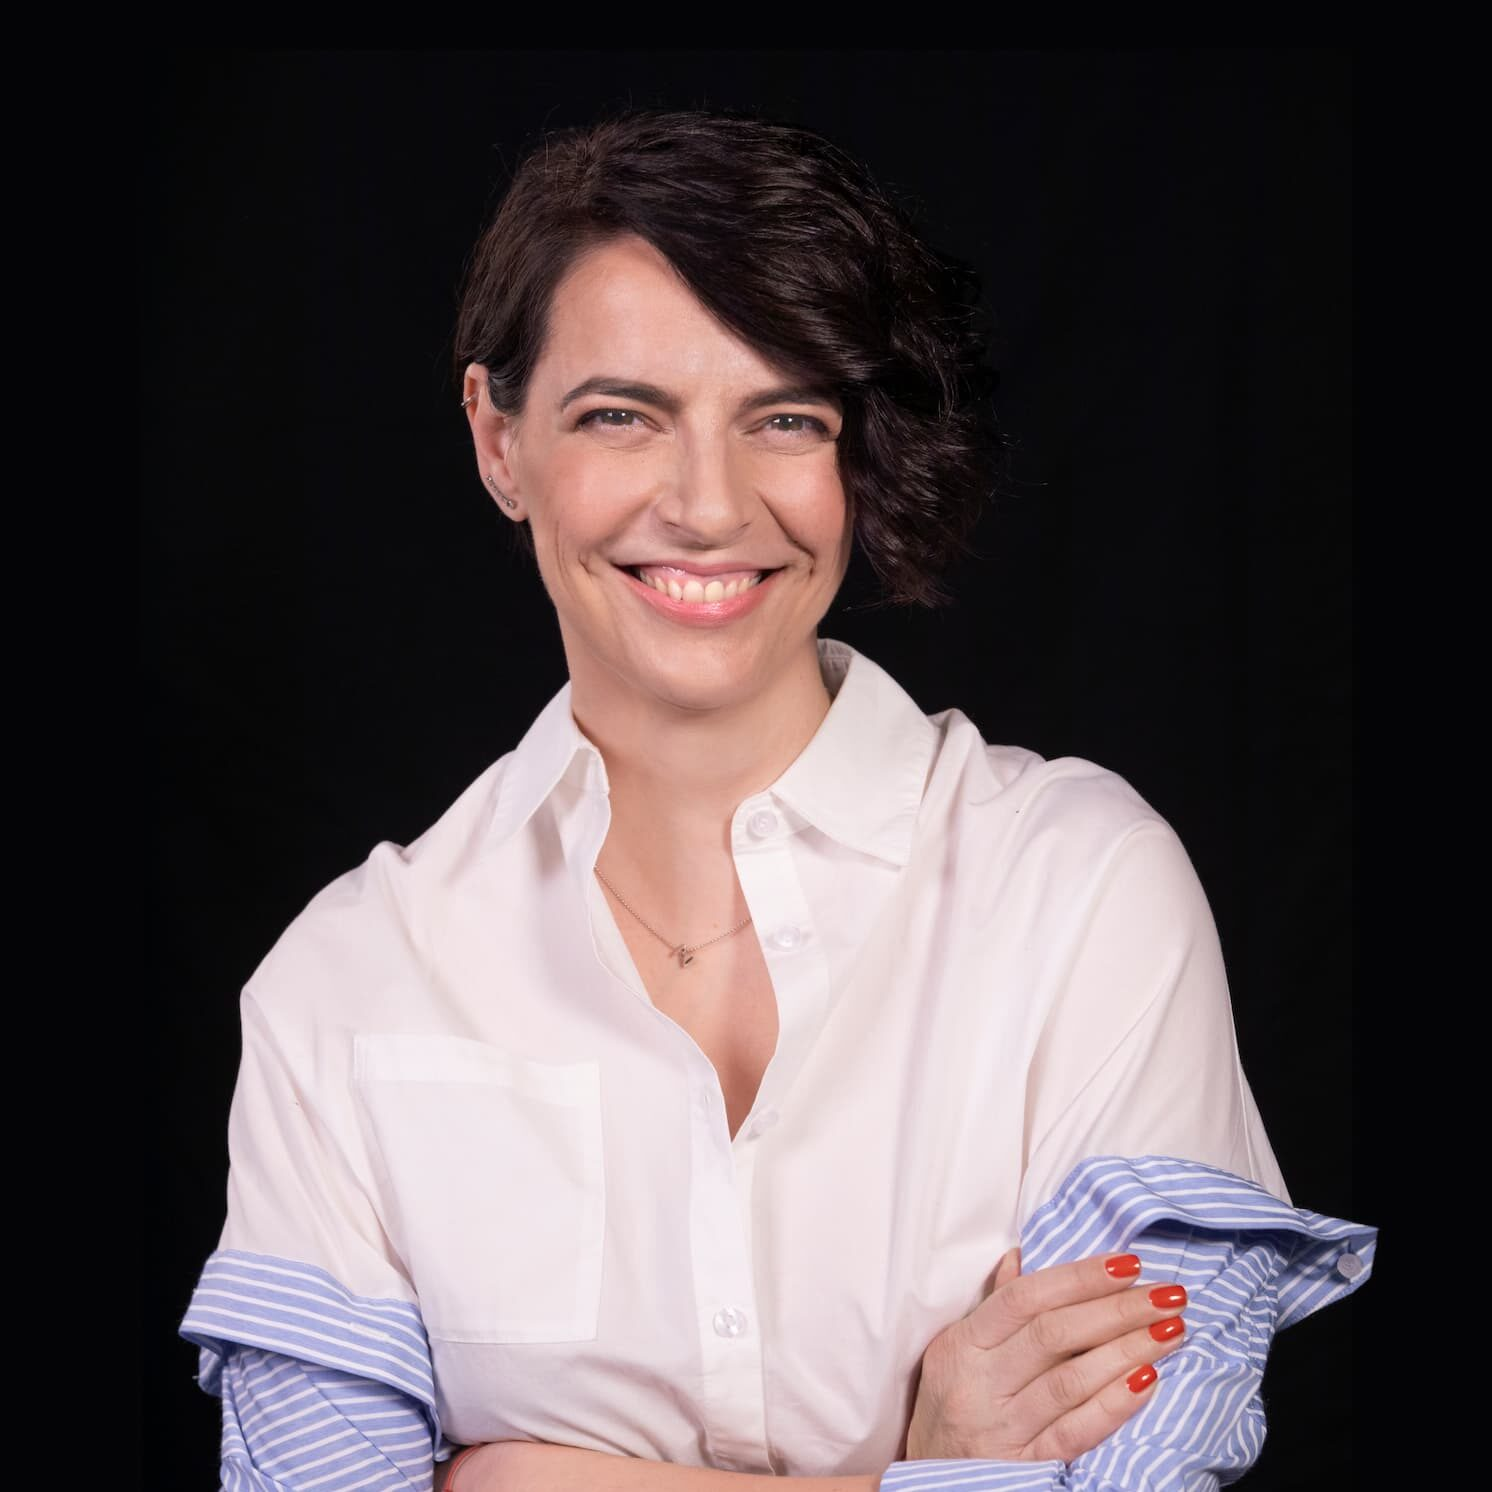 Marija Slijepčević